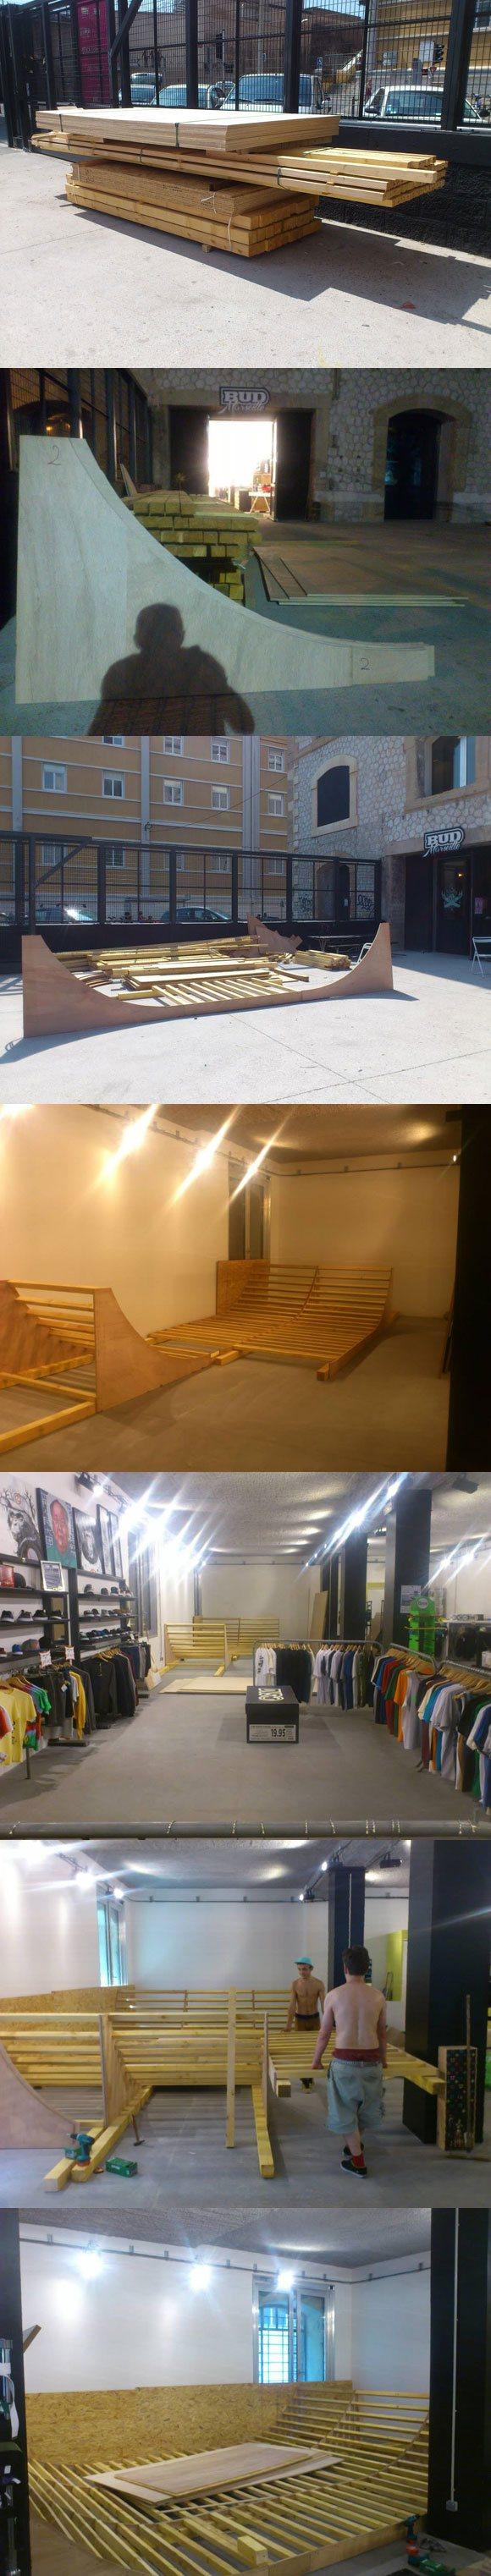 travaux mini rampe BUD SKATESHOP Marseille